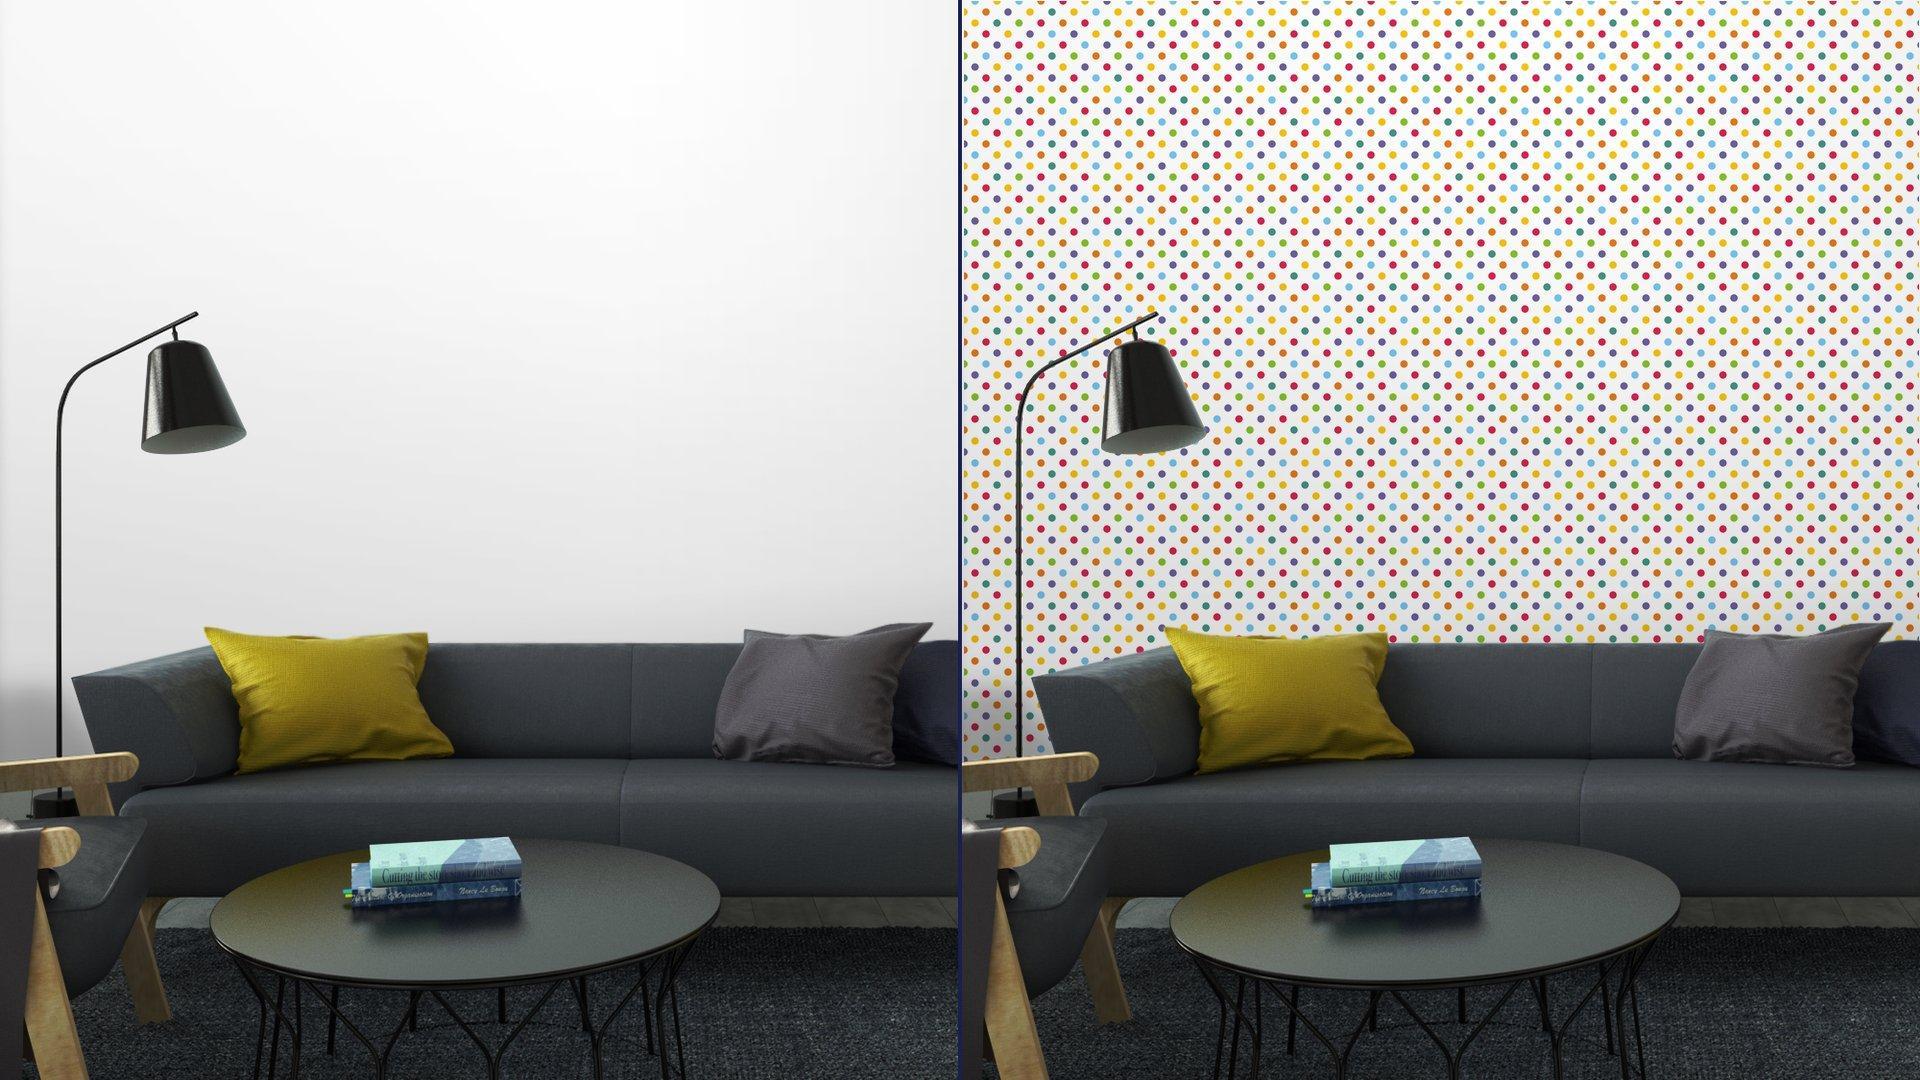 Fotomurales mexico papeles pintados autoadhesivos sin fisuras vector patron o de fondo con colores lunares 3 - PapelTapiz Puntos de Colores en Fondo Blanco 01